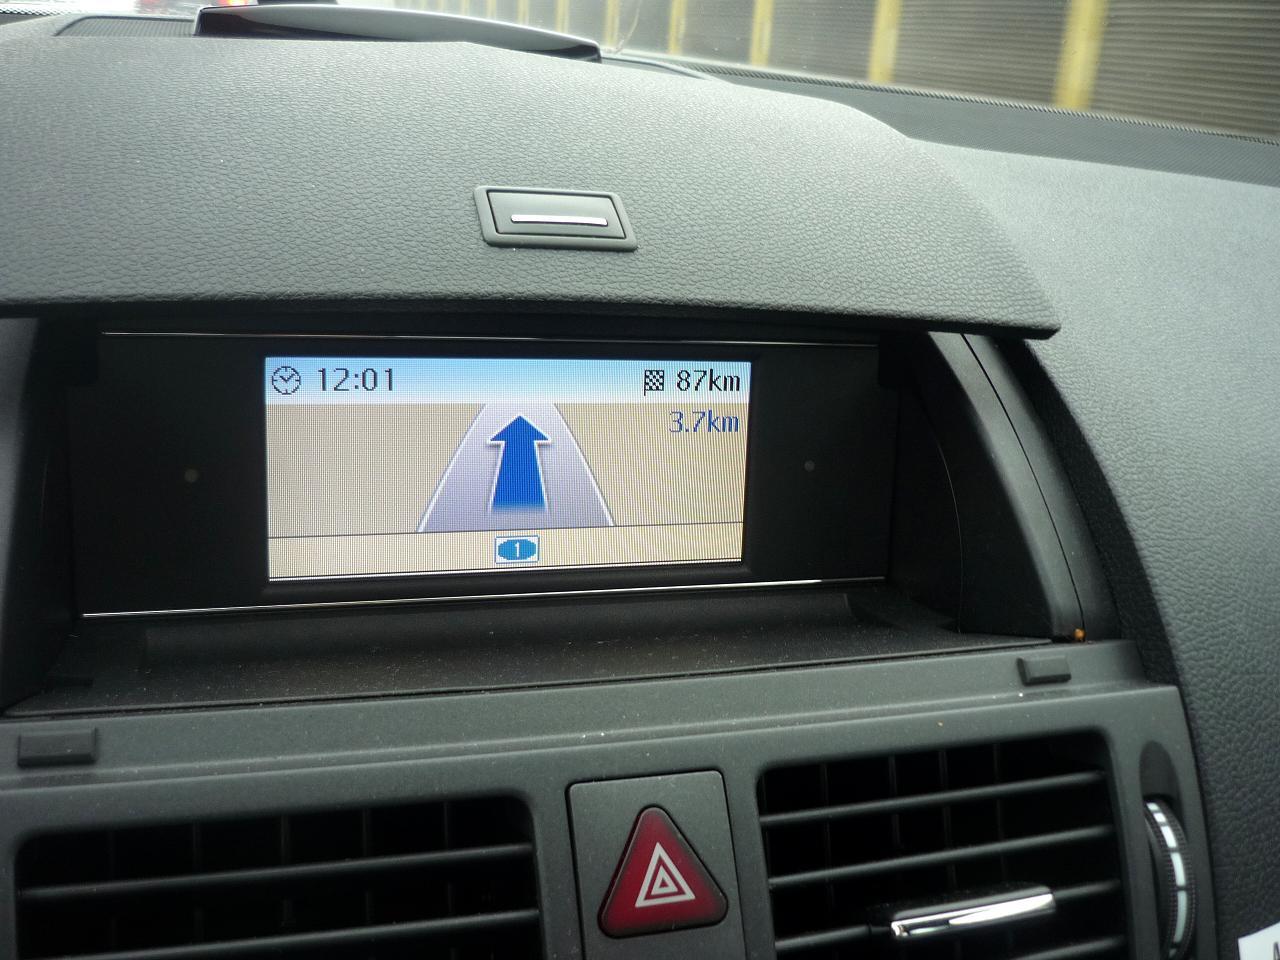 Guitigefilmpjes car review mercedes benz c180 avantgarde for Mercedes benz navigation system update